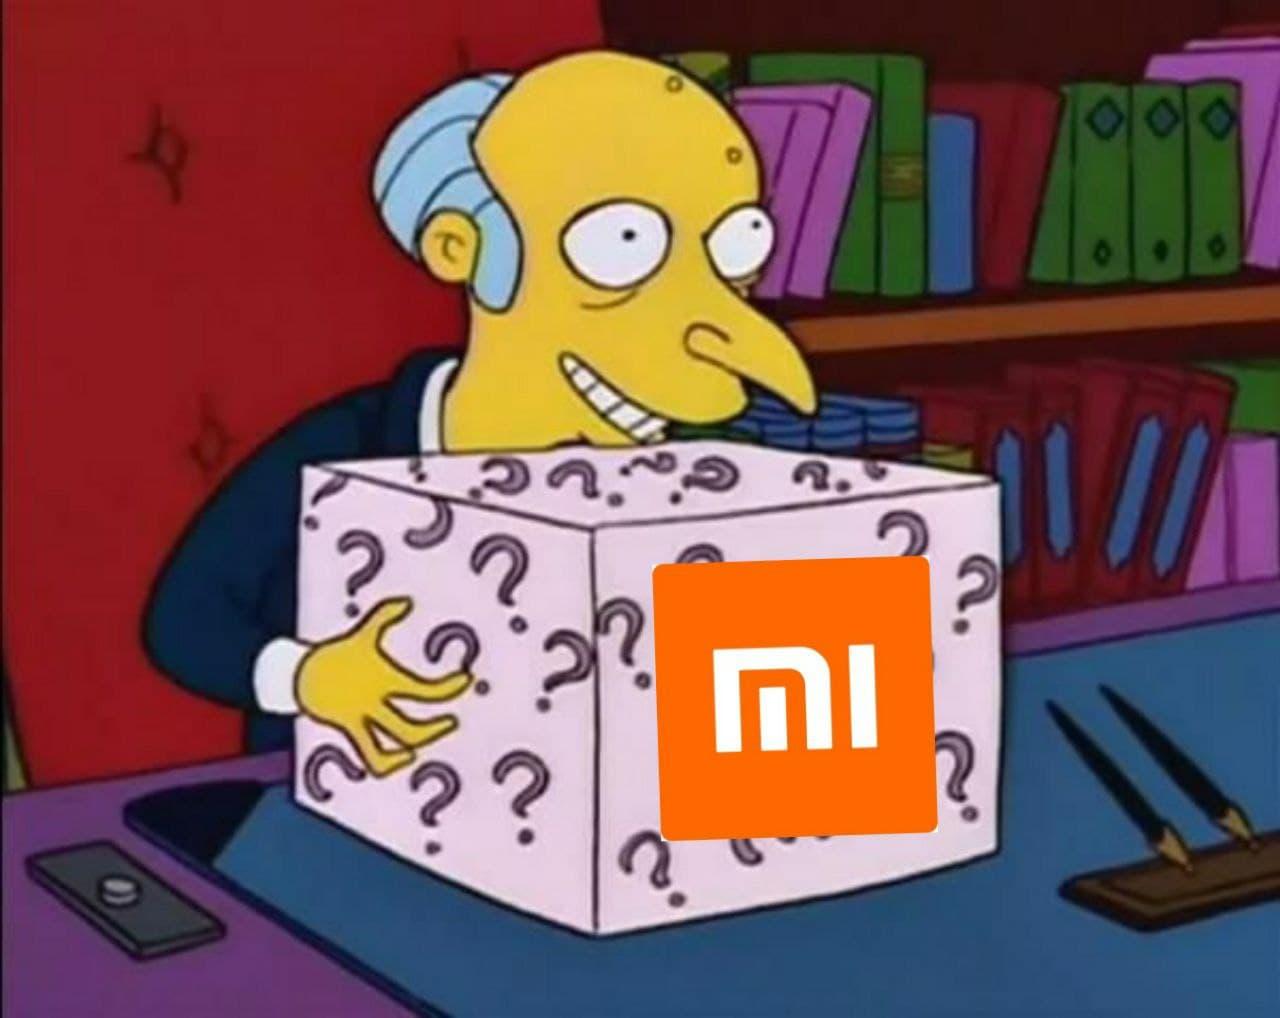 Caja Sorpresa Xiaomi desde Europa por solo 65€ (purificador, aspirador o móvil) (-2% en app)